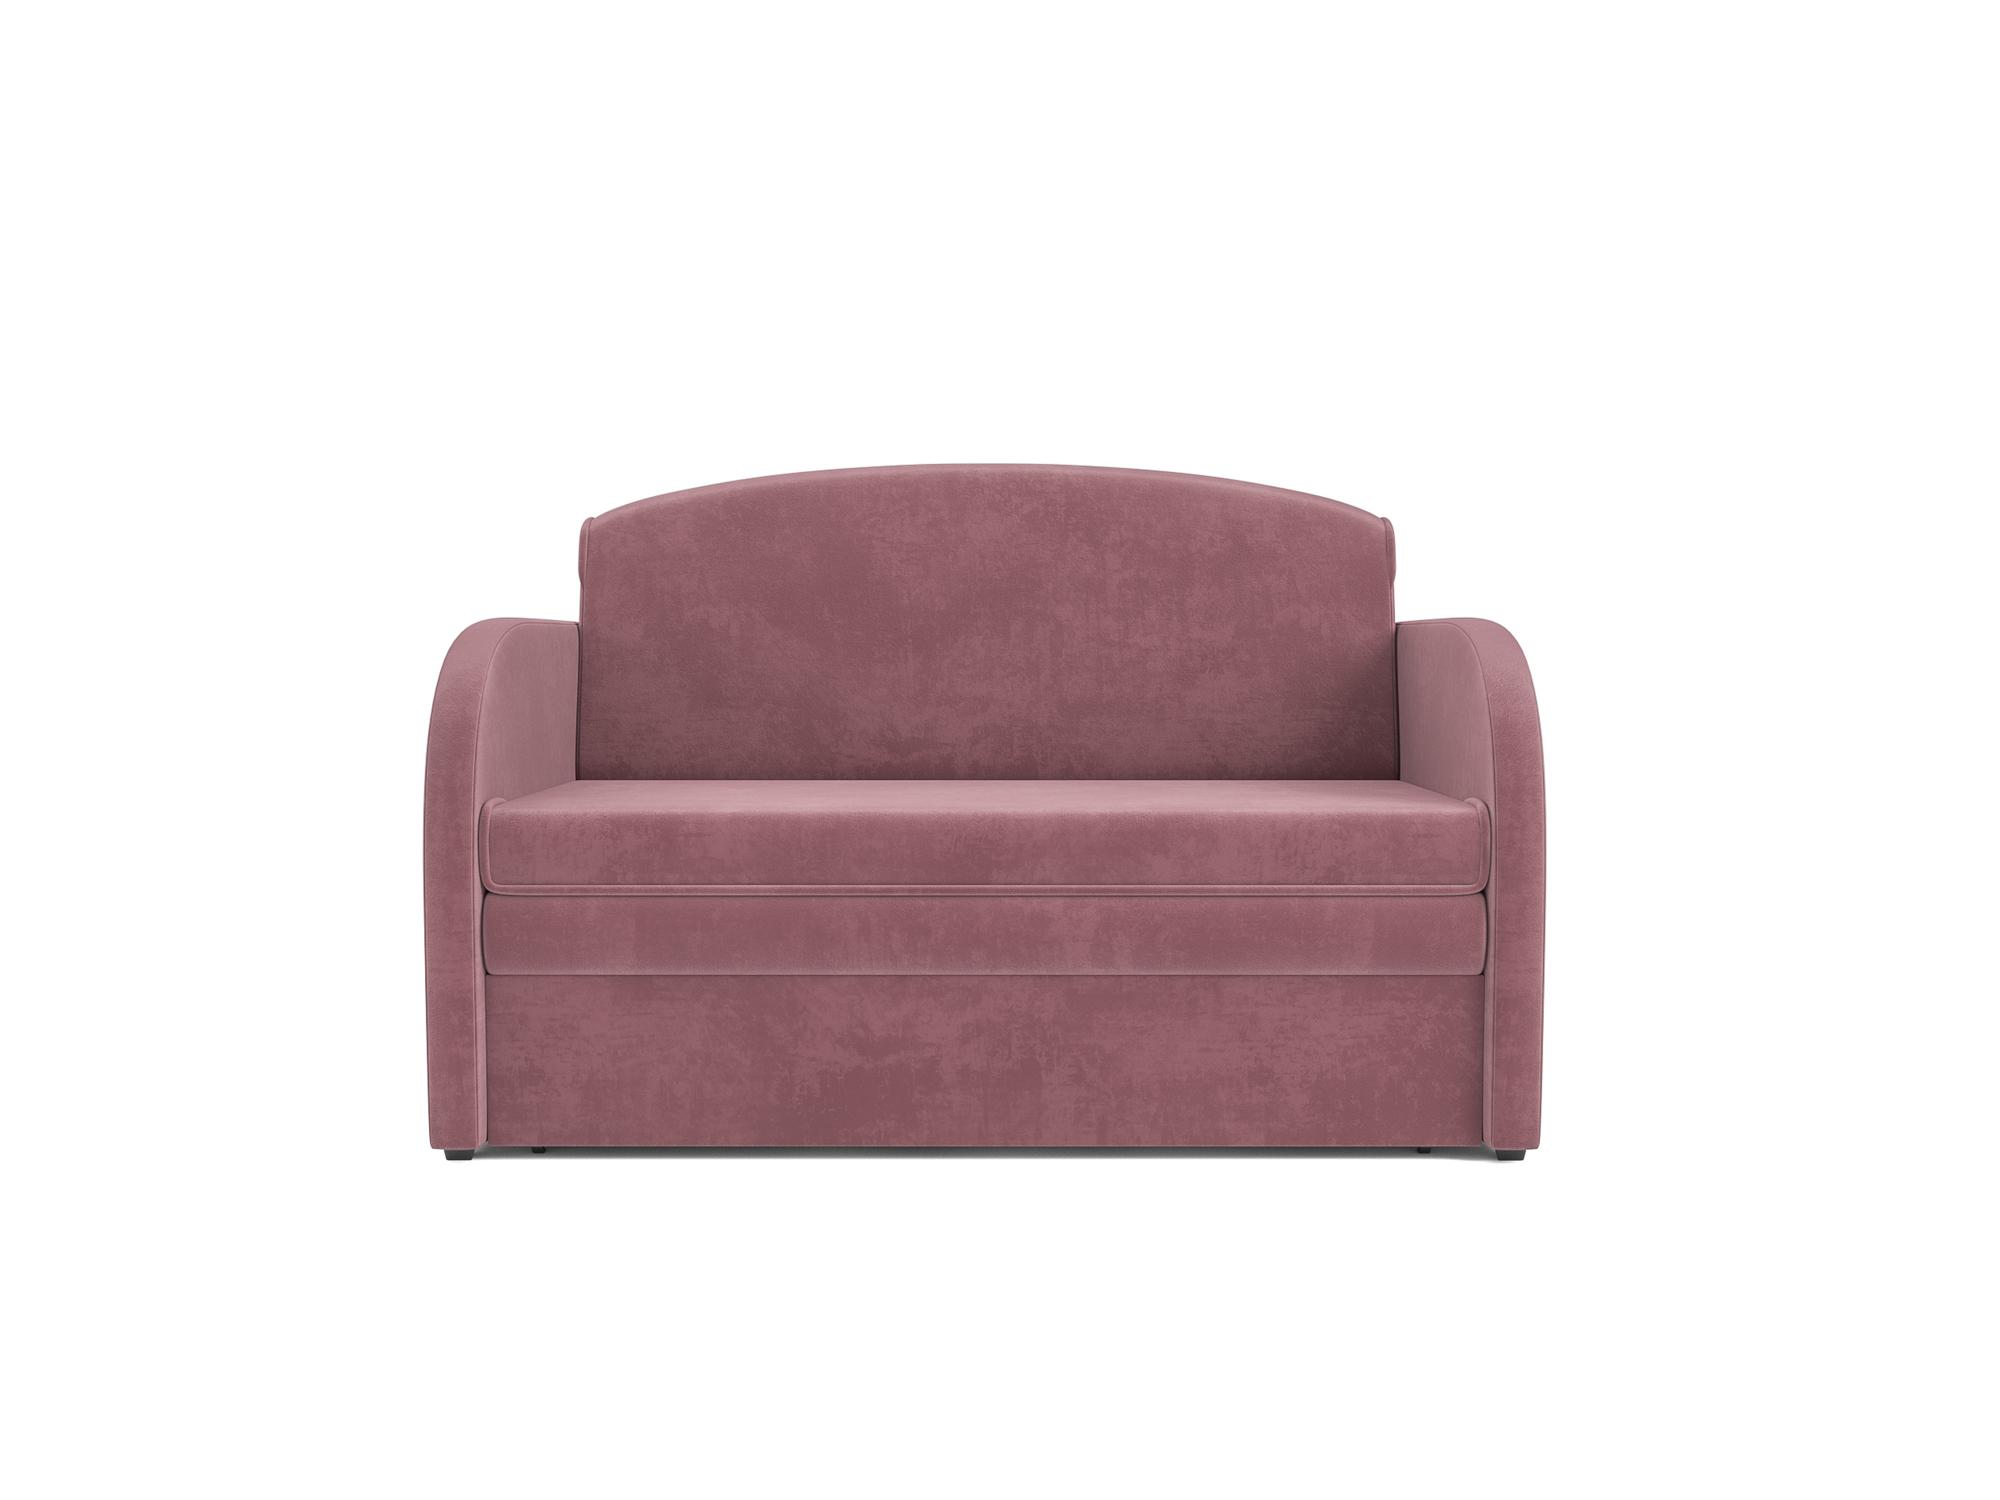 Фото - Диван Малютка MebelVia Розовый, Велюр, Брус сосны диван малютка 2 mebelvia синий велюр брус сосны